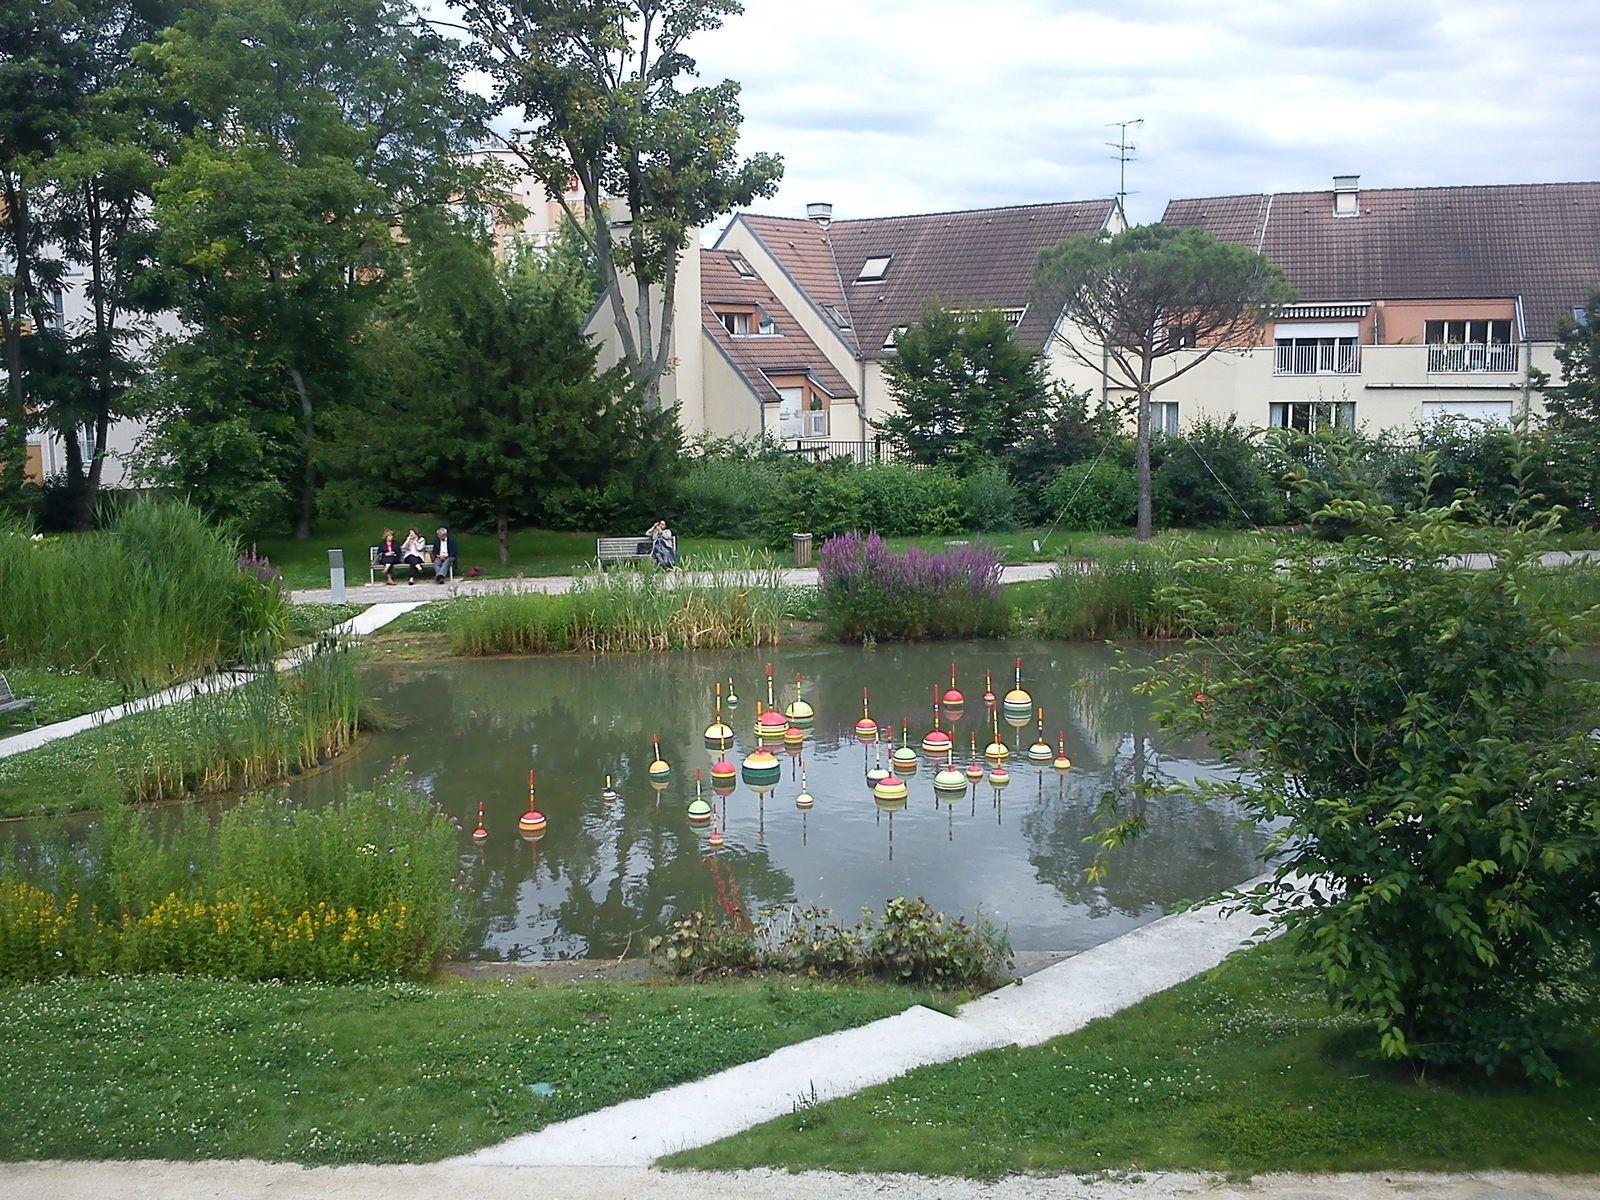 Jardins en métamorphose, un art environnemental dans les parcs de la ville de Thiais (Val de Marne)